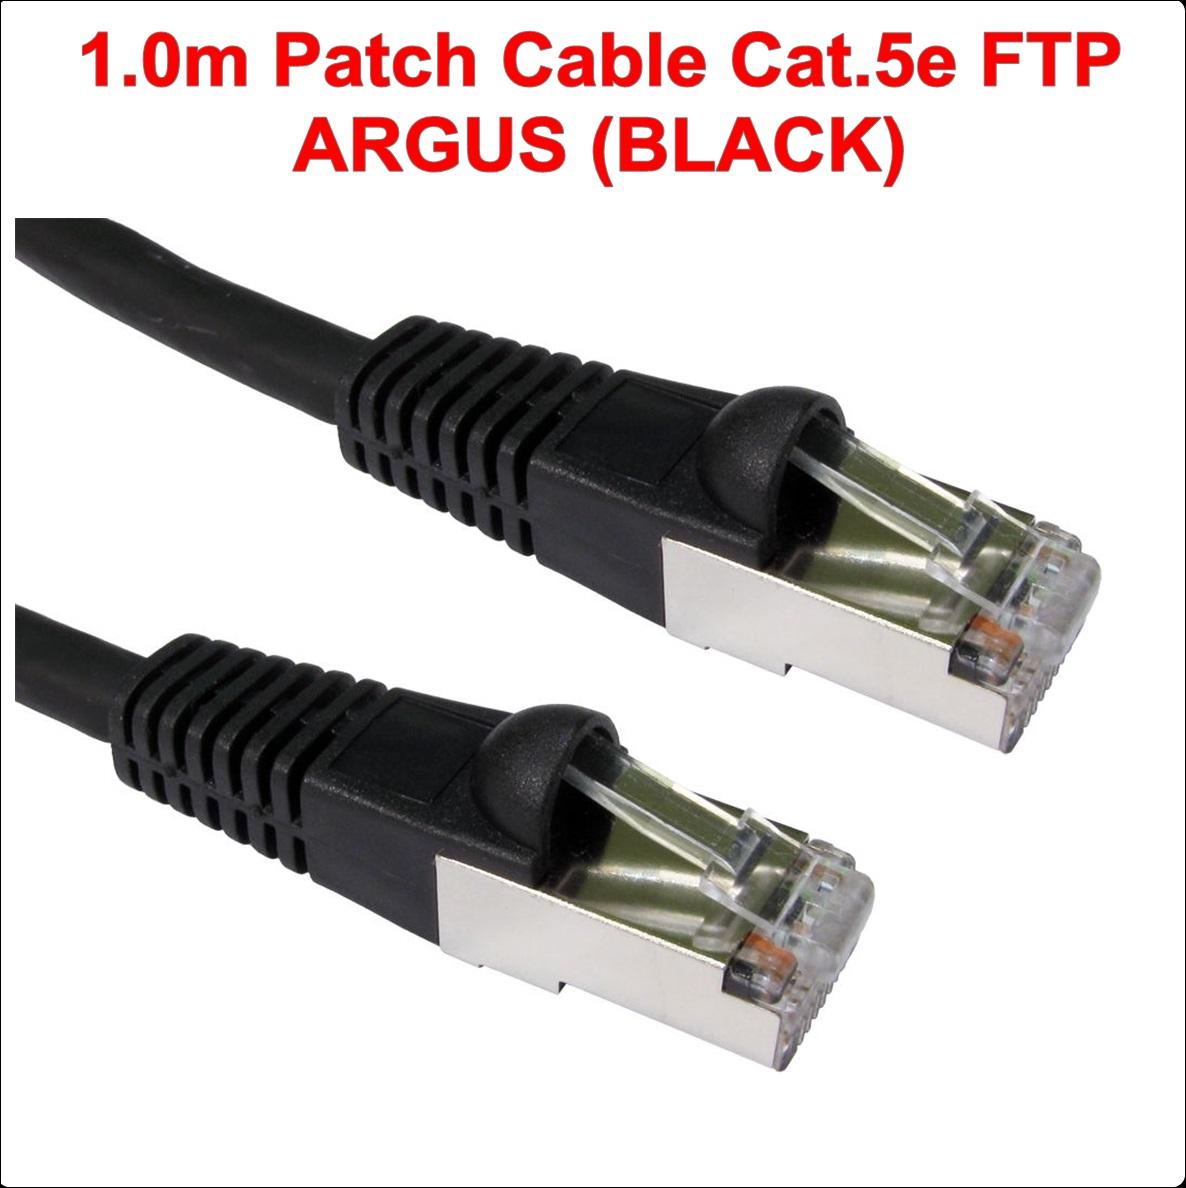 1.00m FTP Patch Cable Cat.5e ARGUS (BLACK)